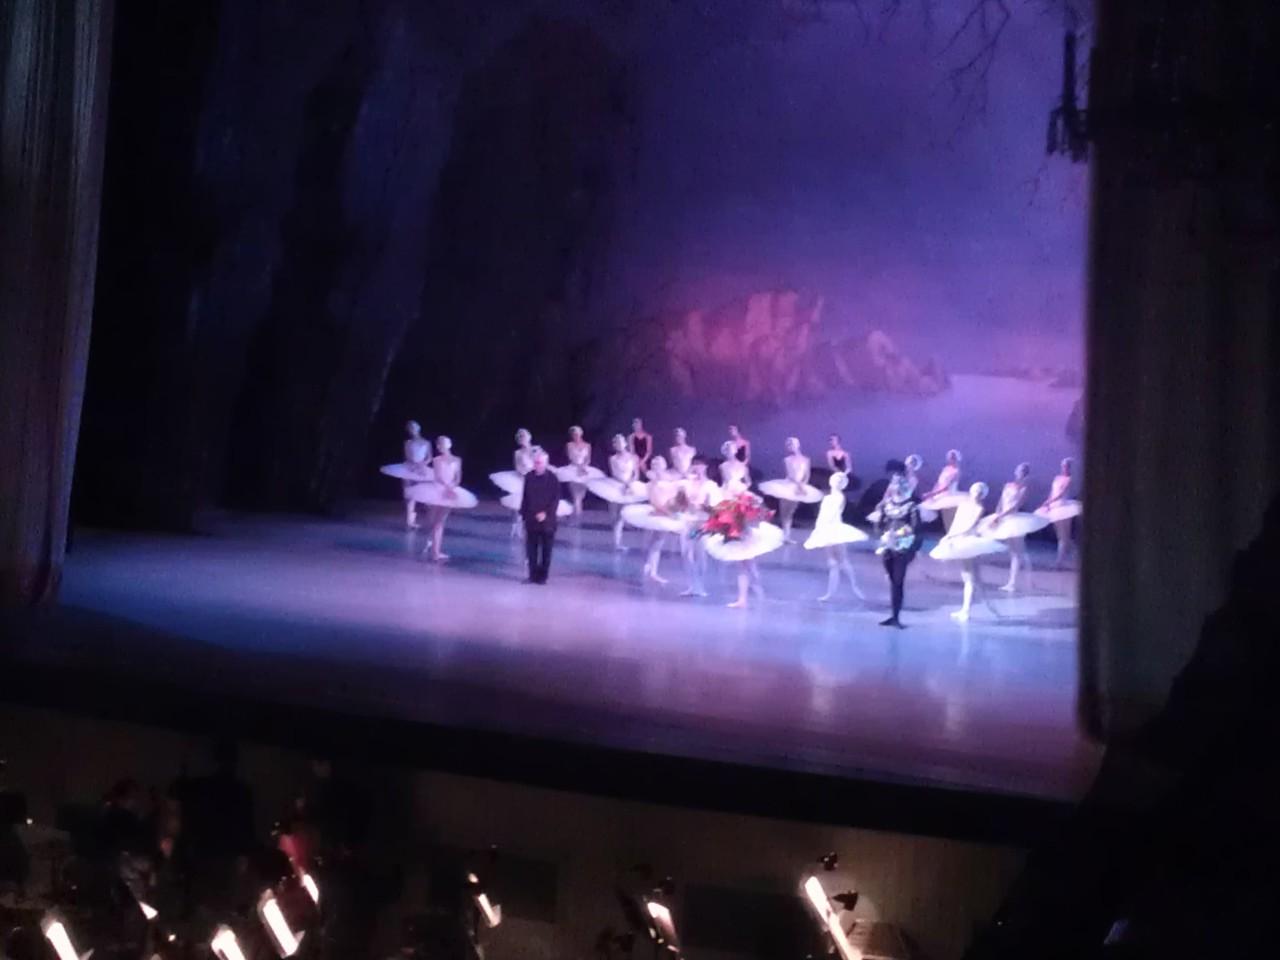 """Aplausos finales actuación del """"Lago de los Cisnes"""" el 19 de mayo de 2013 en el Teatro Mariinsky"""